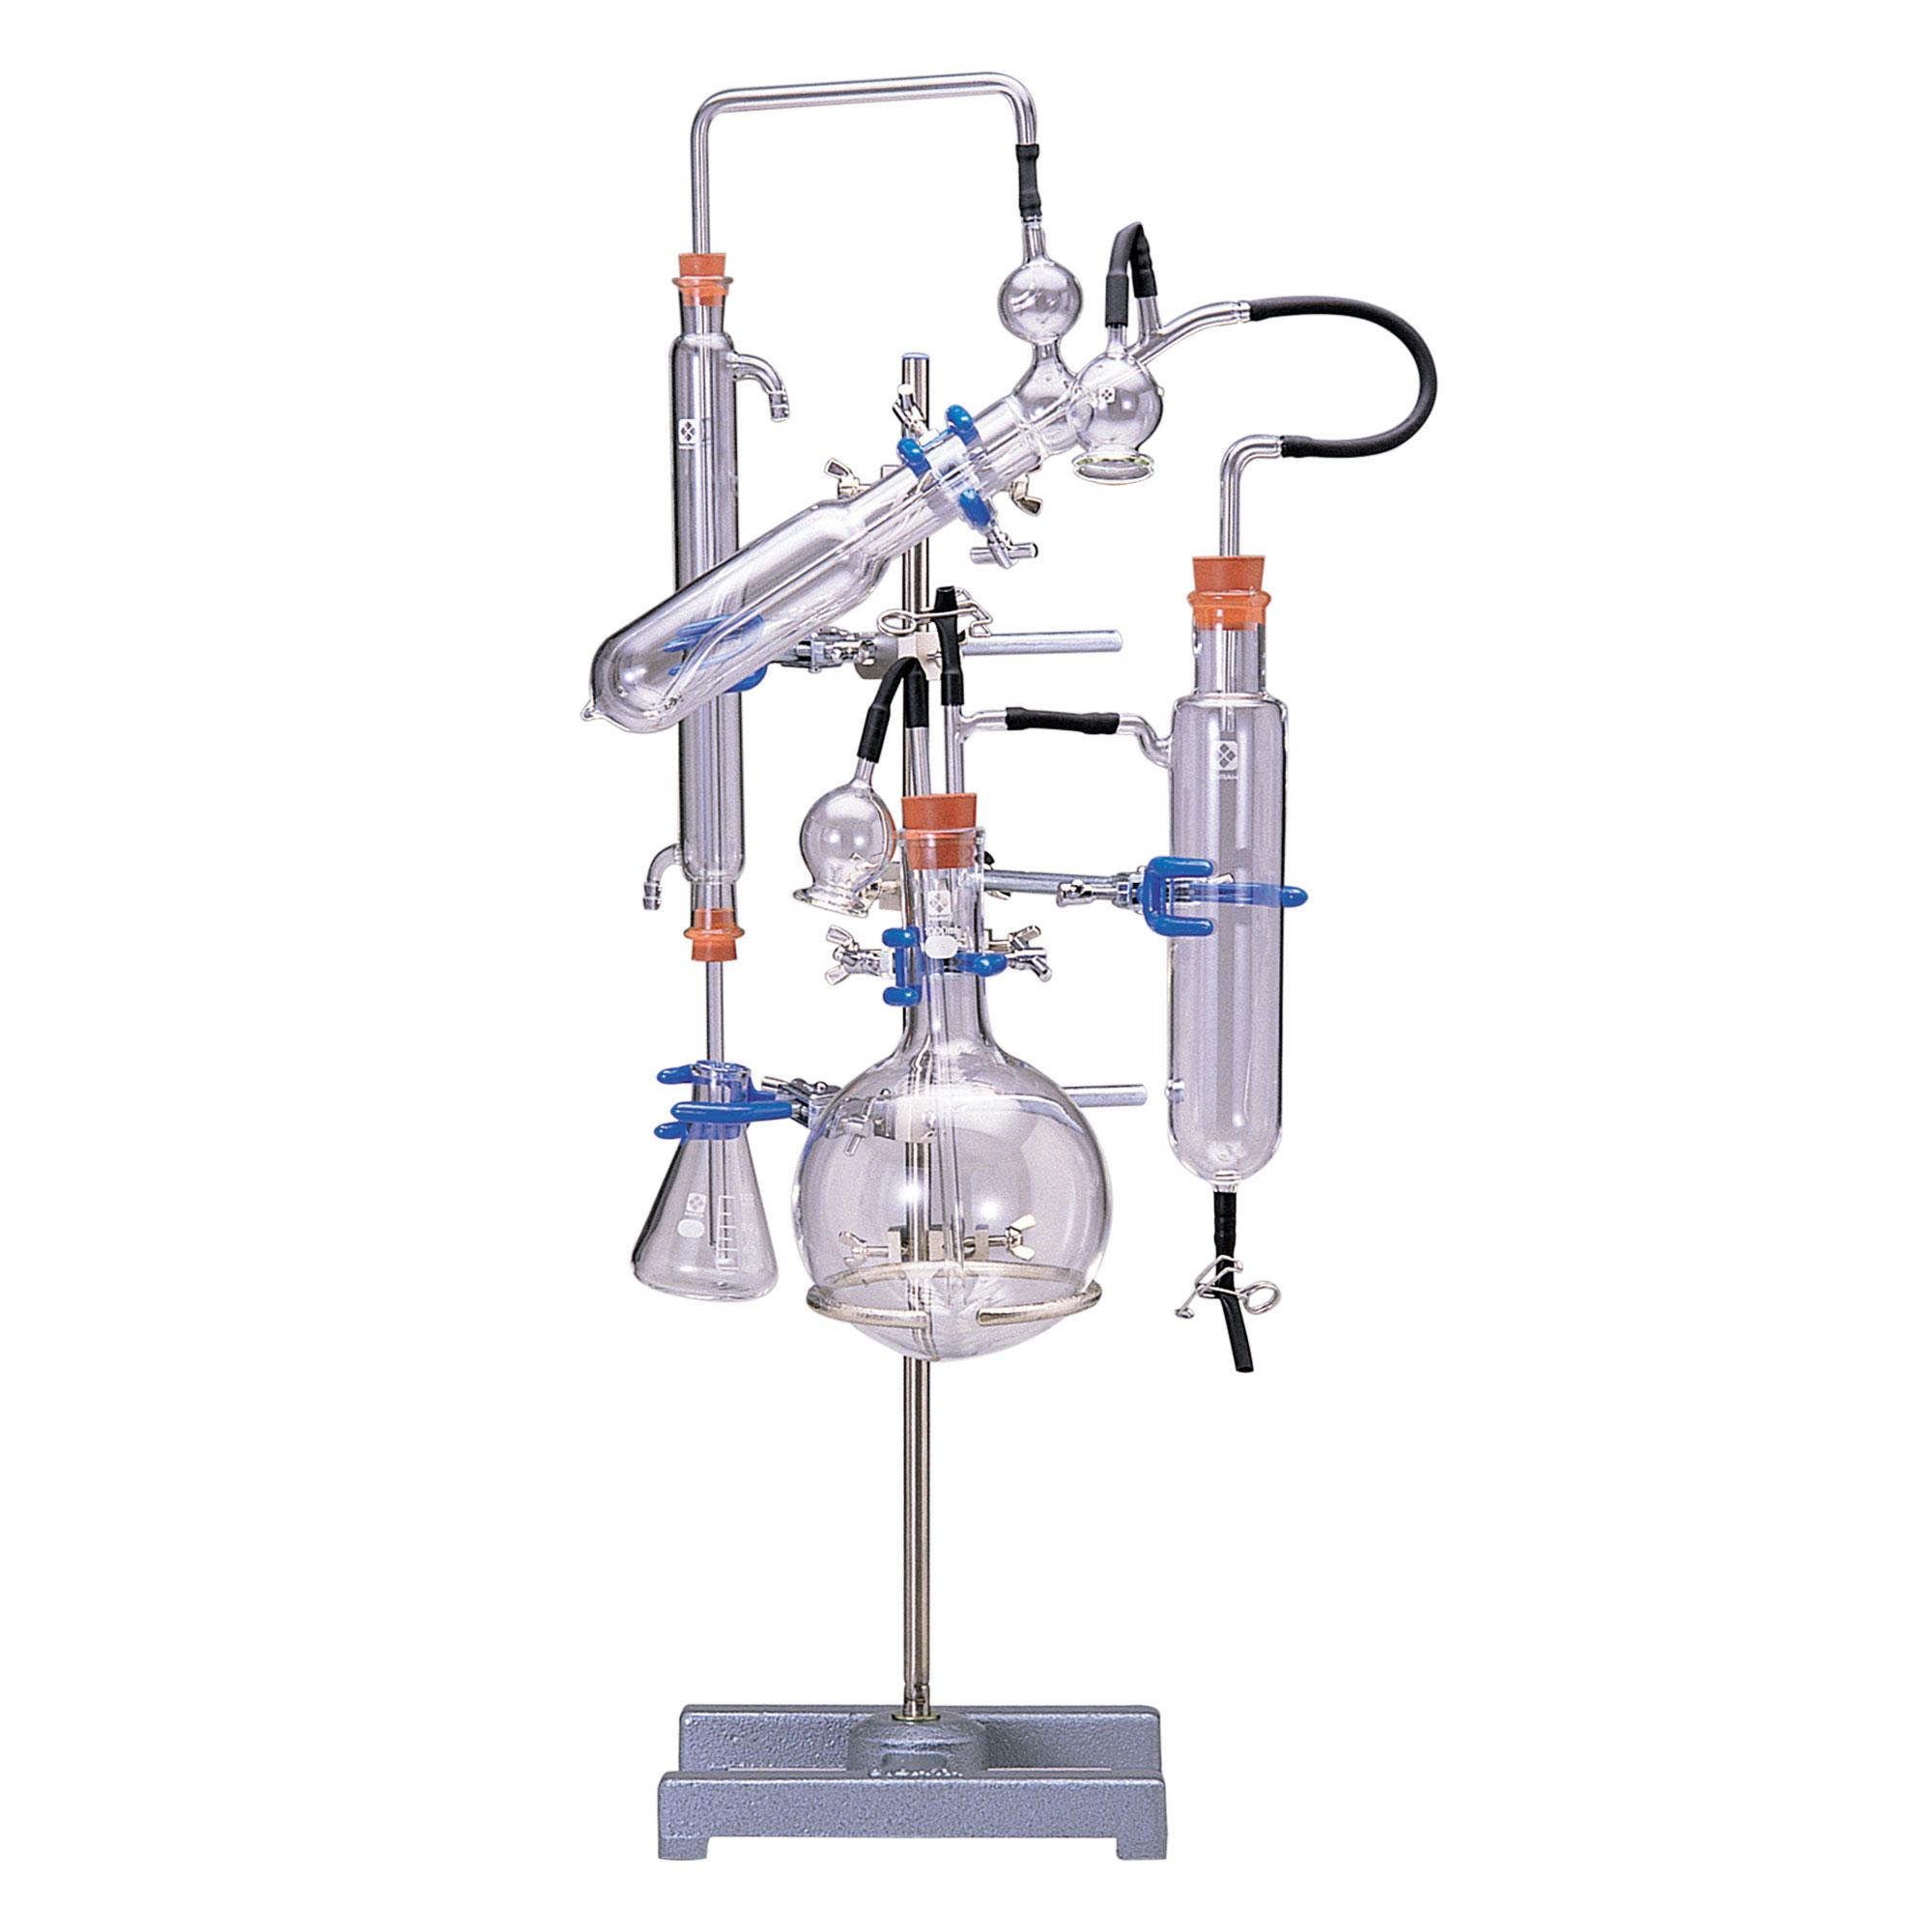 ミクロ・ケルダール窒素蒸留装置 パルナス-ワグナー型用 真空びん